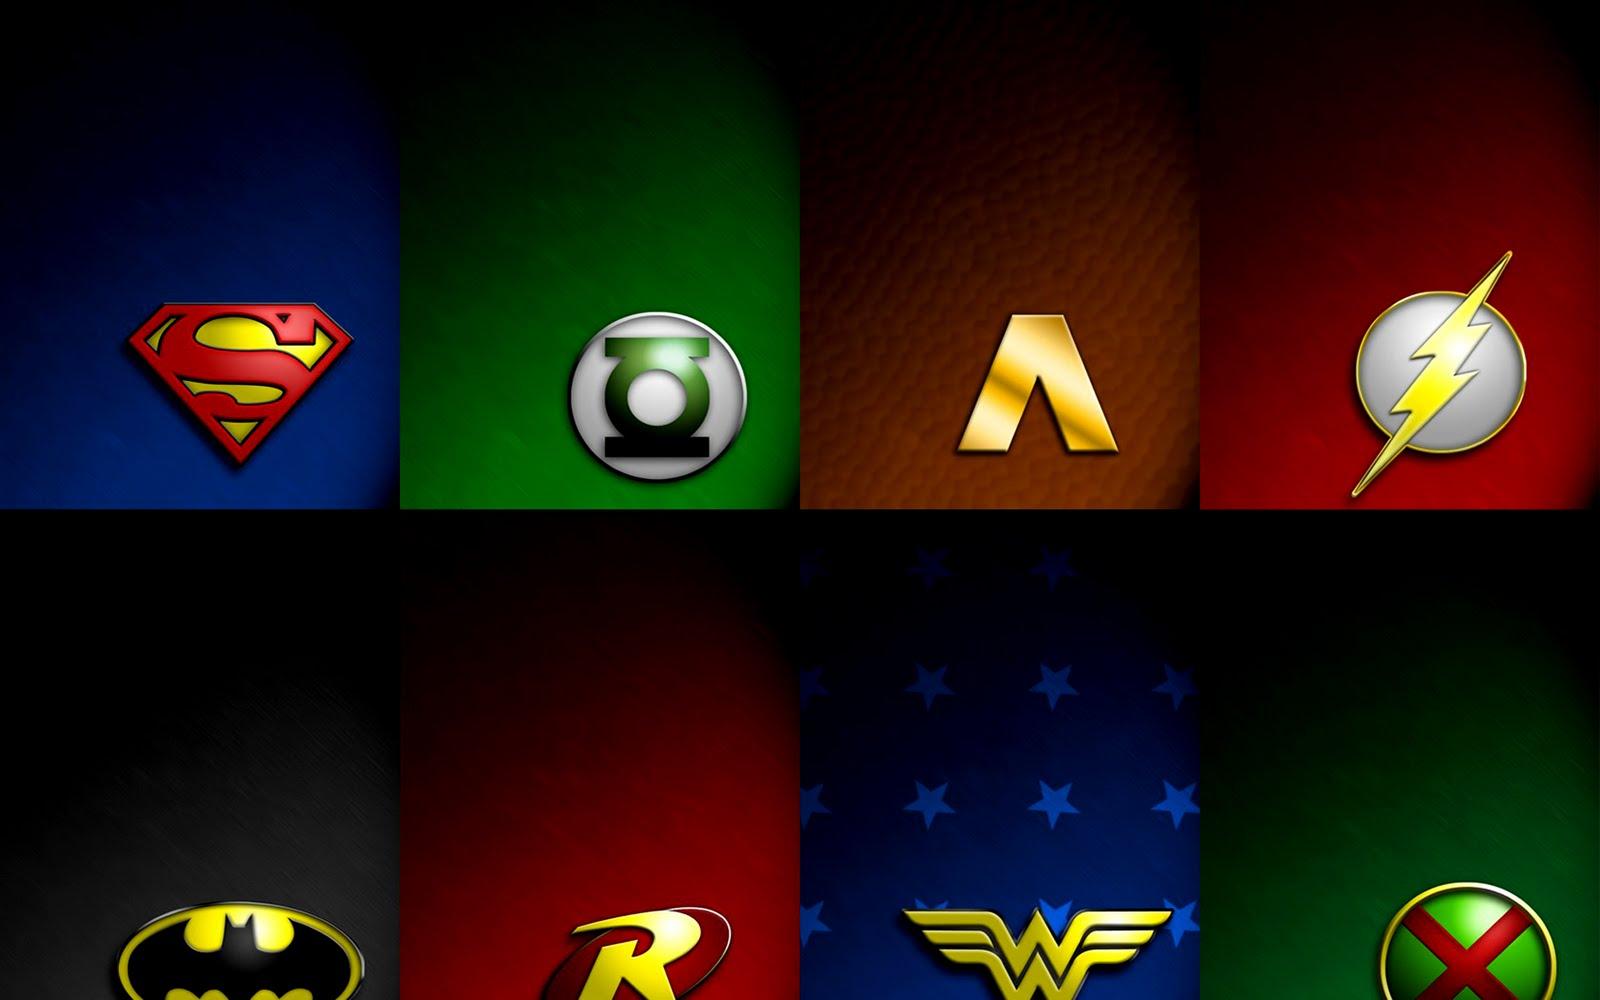 Superheroes Logos Wallpaper Wallpapersafari